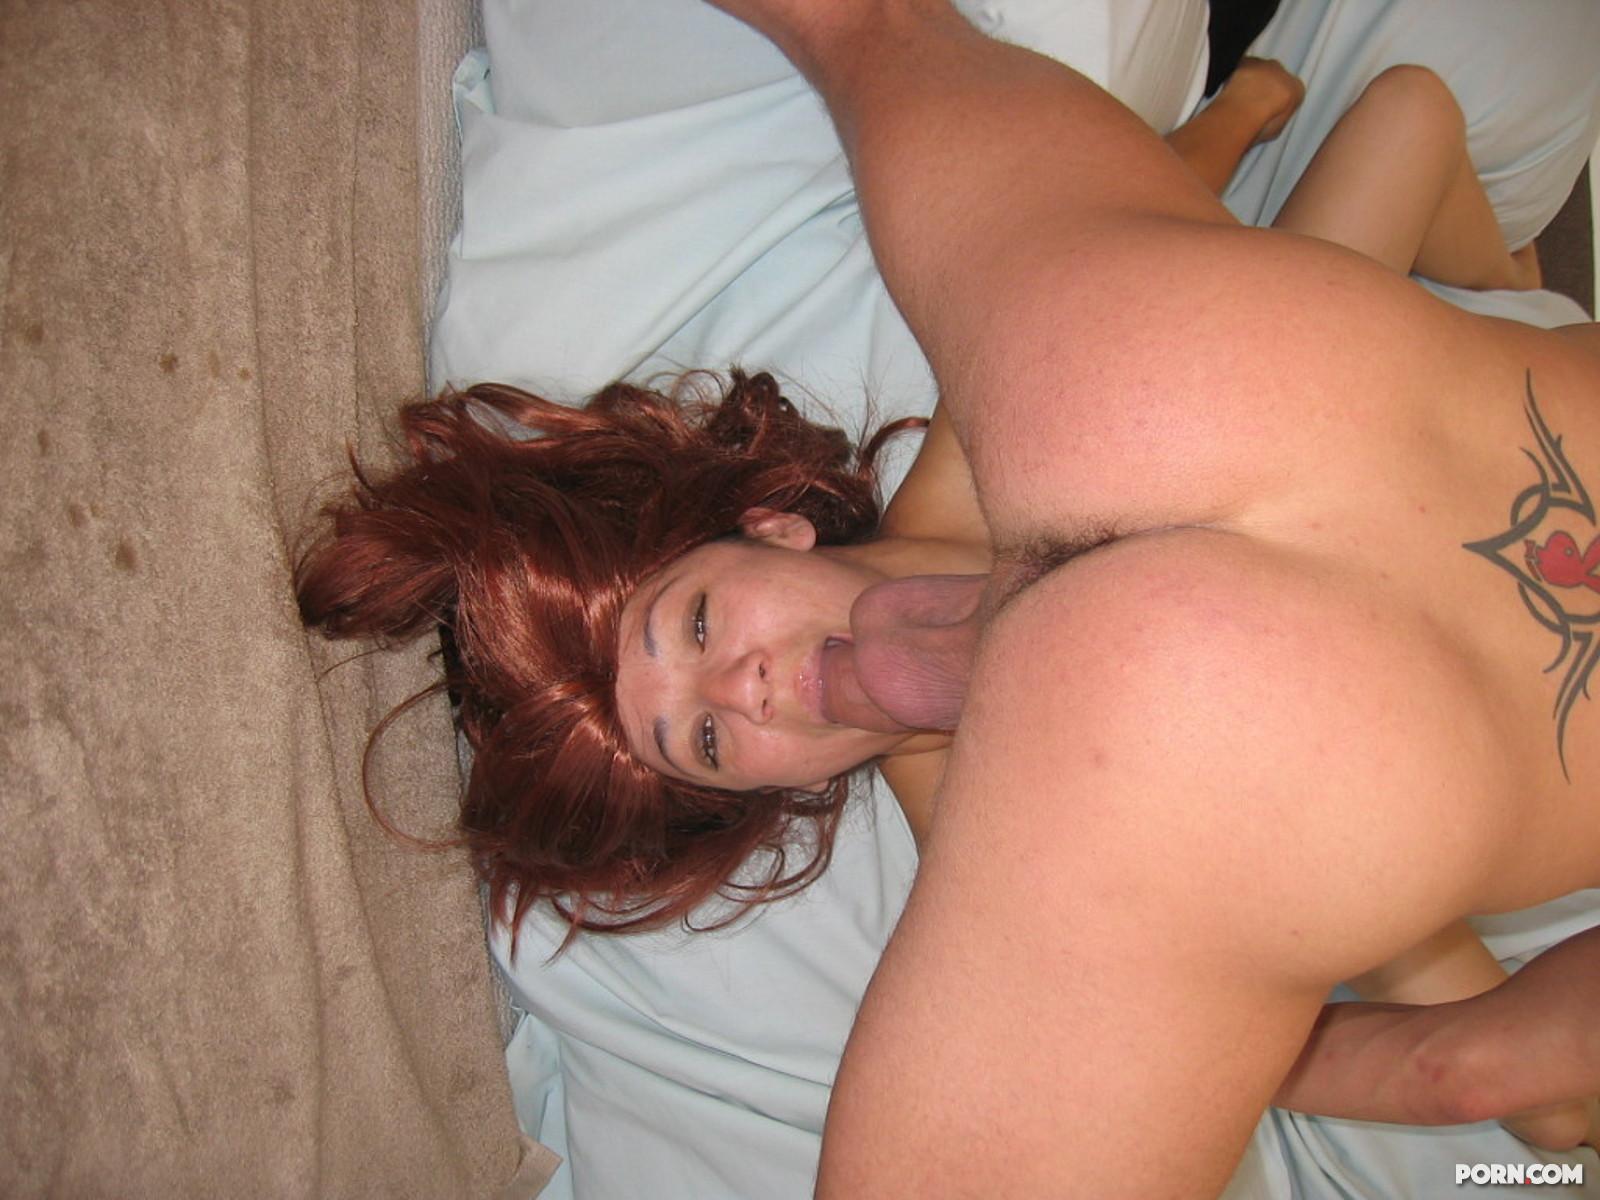 Порно секс экстремальные позы фото фото 51-525